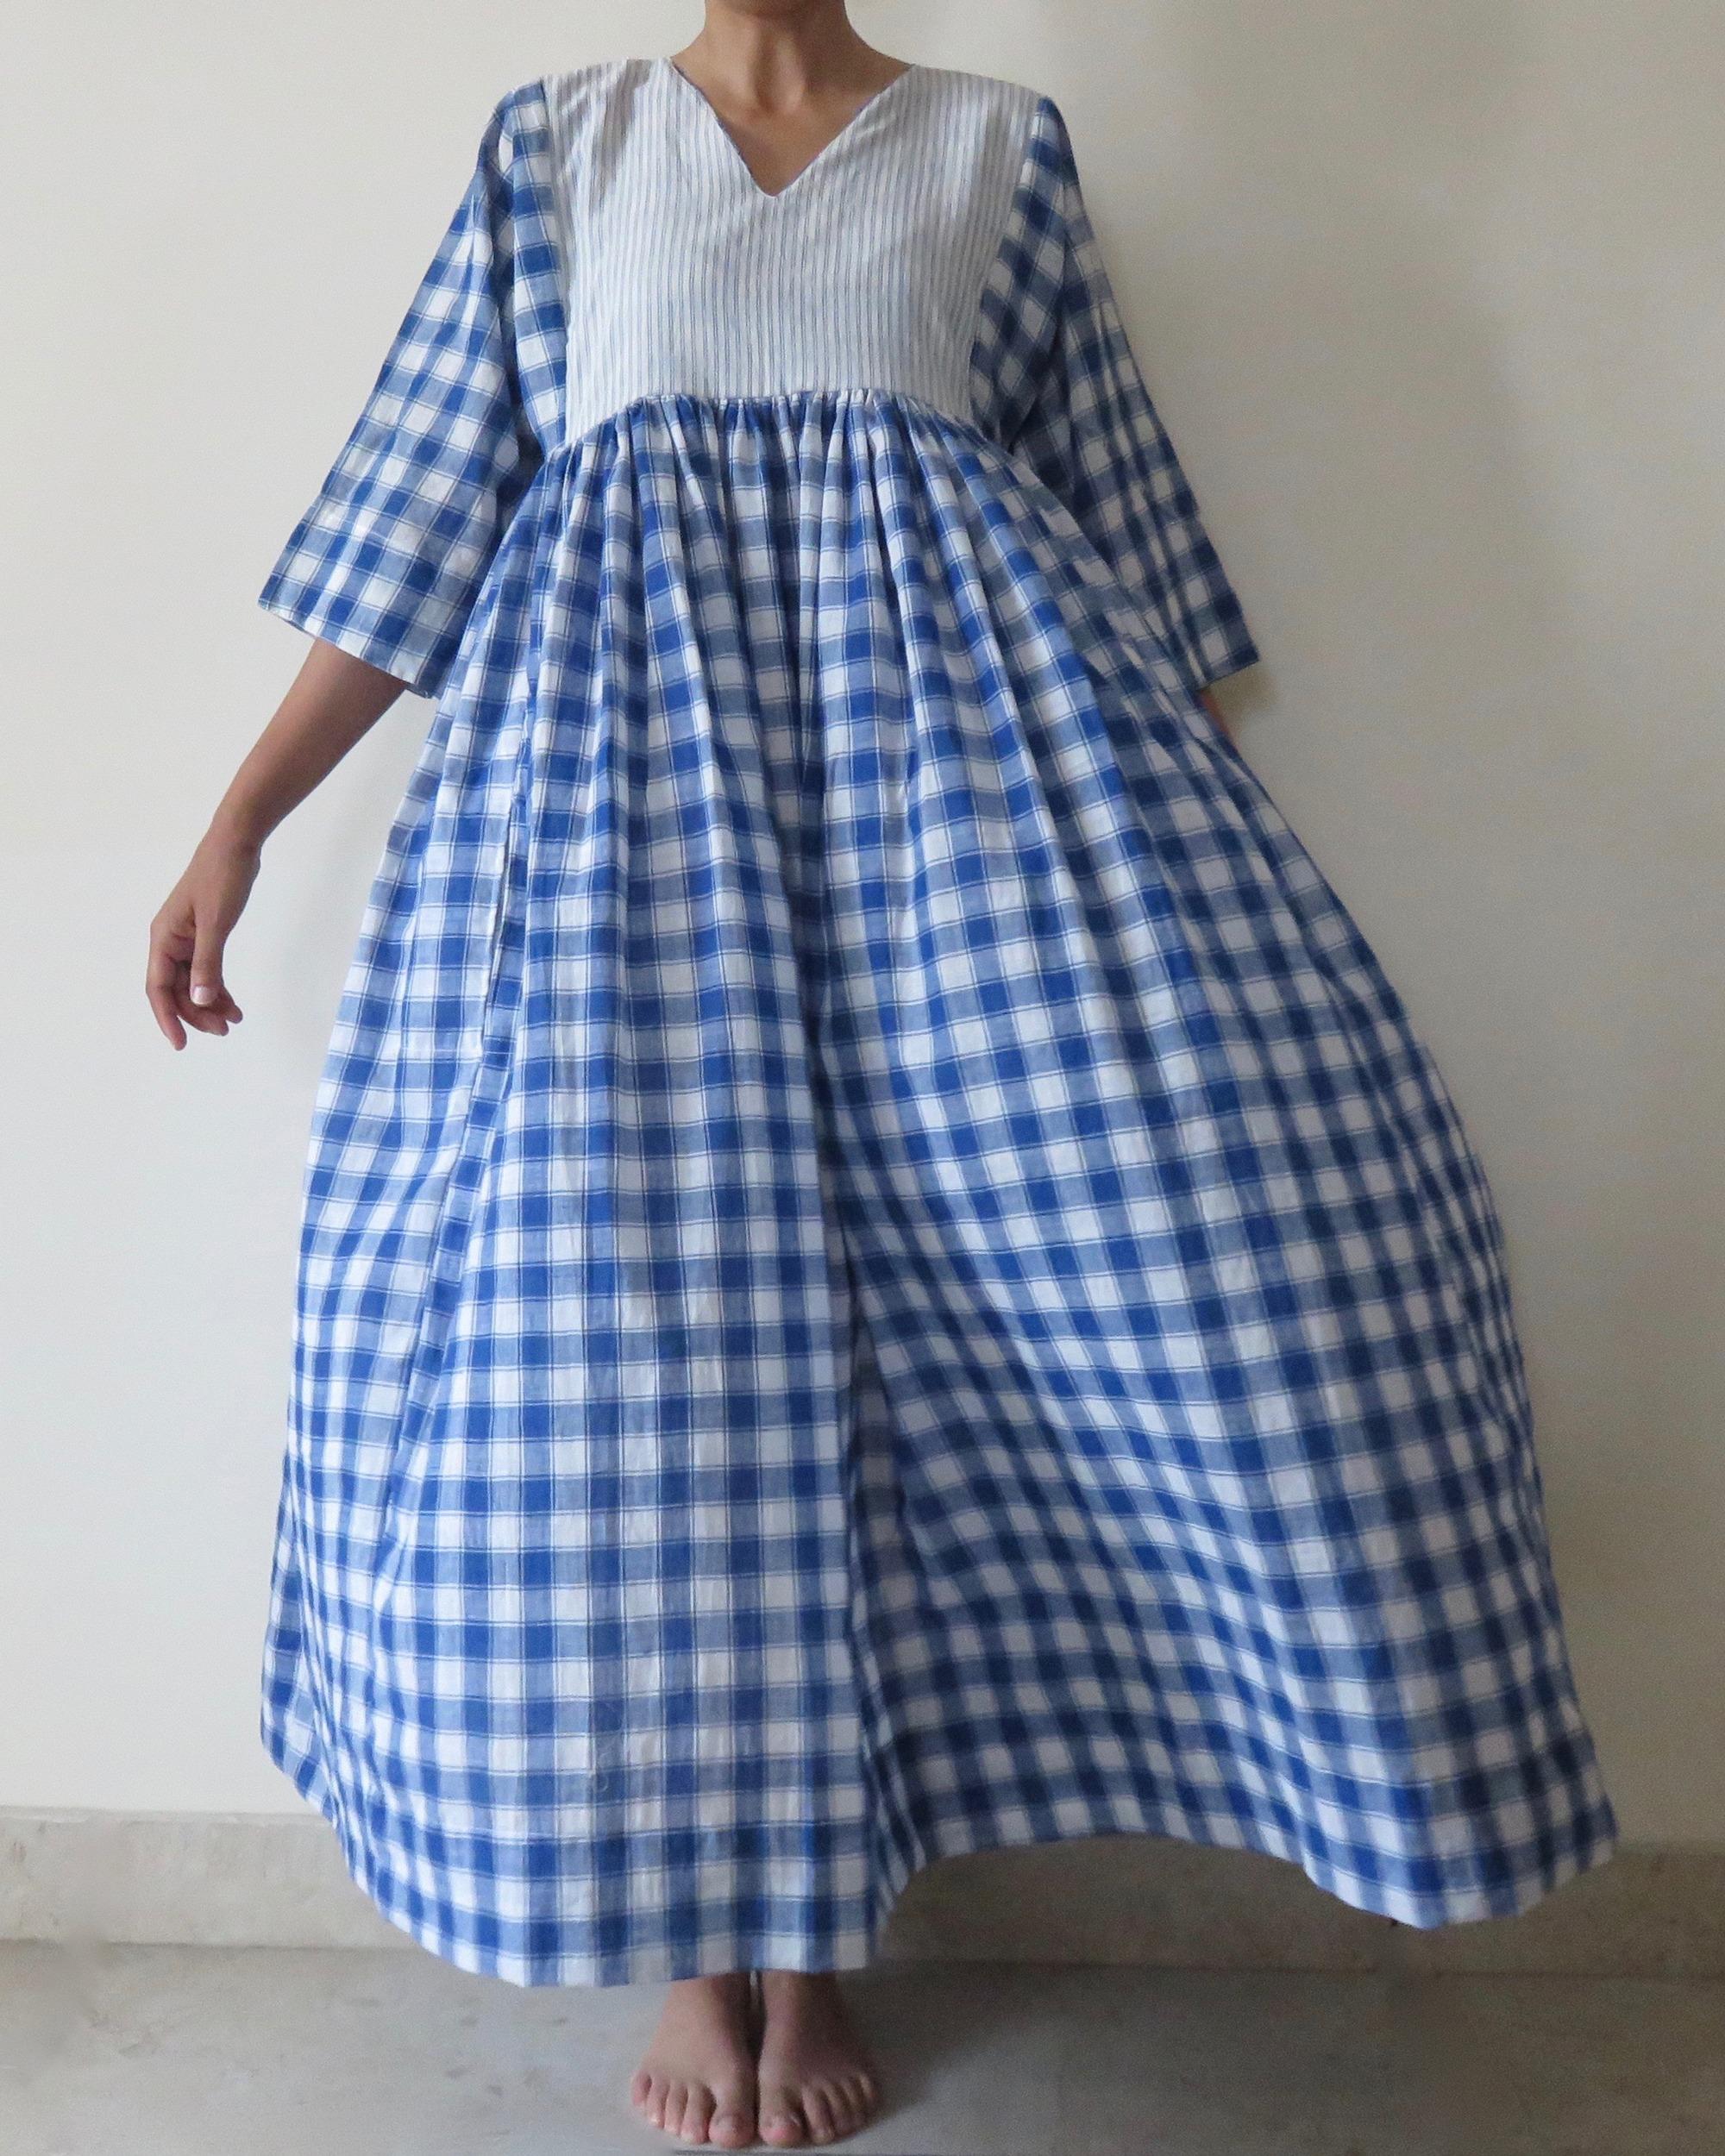 cotton check panel dress folk